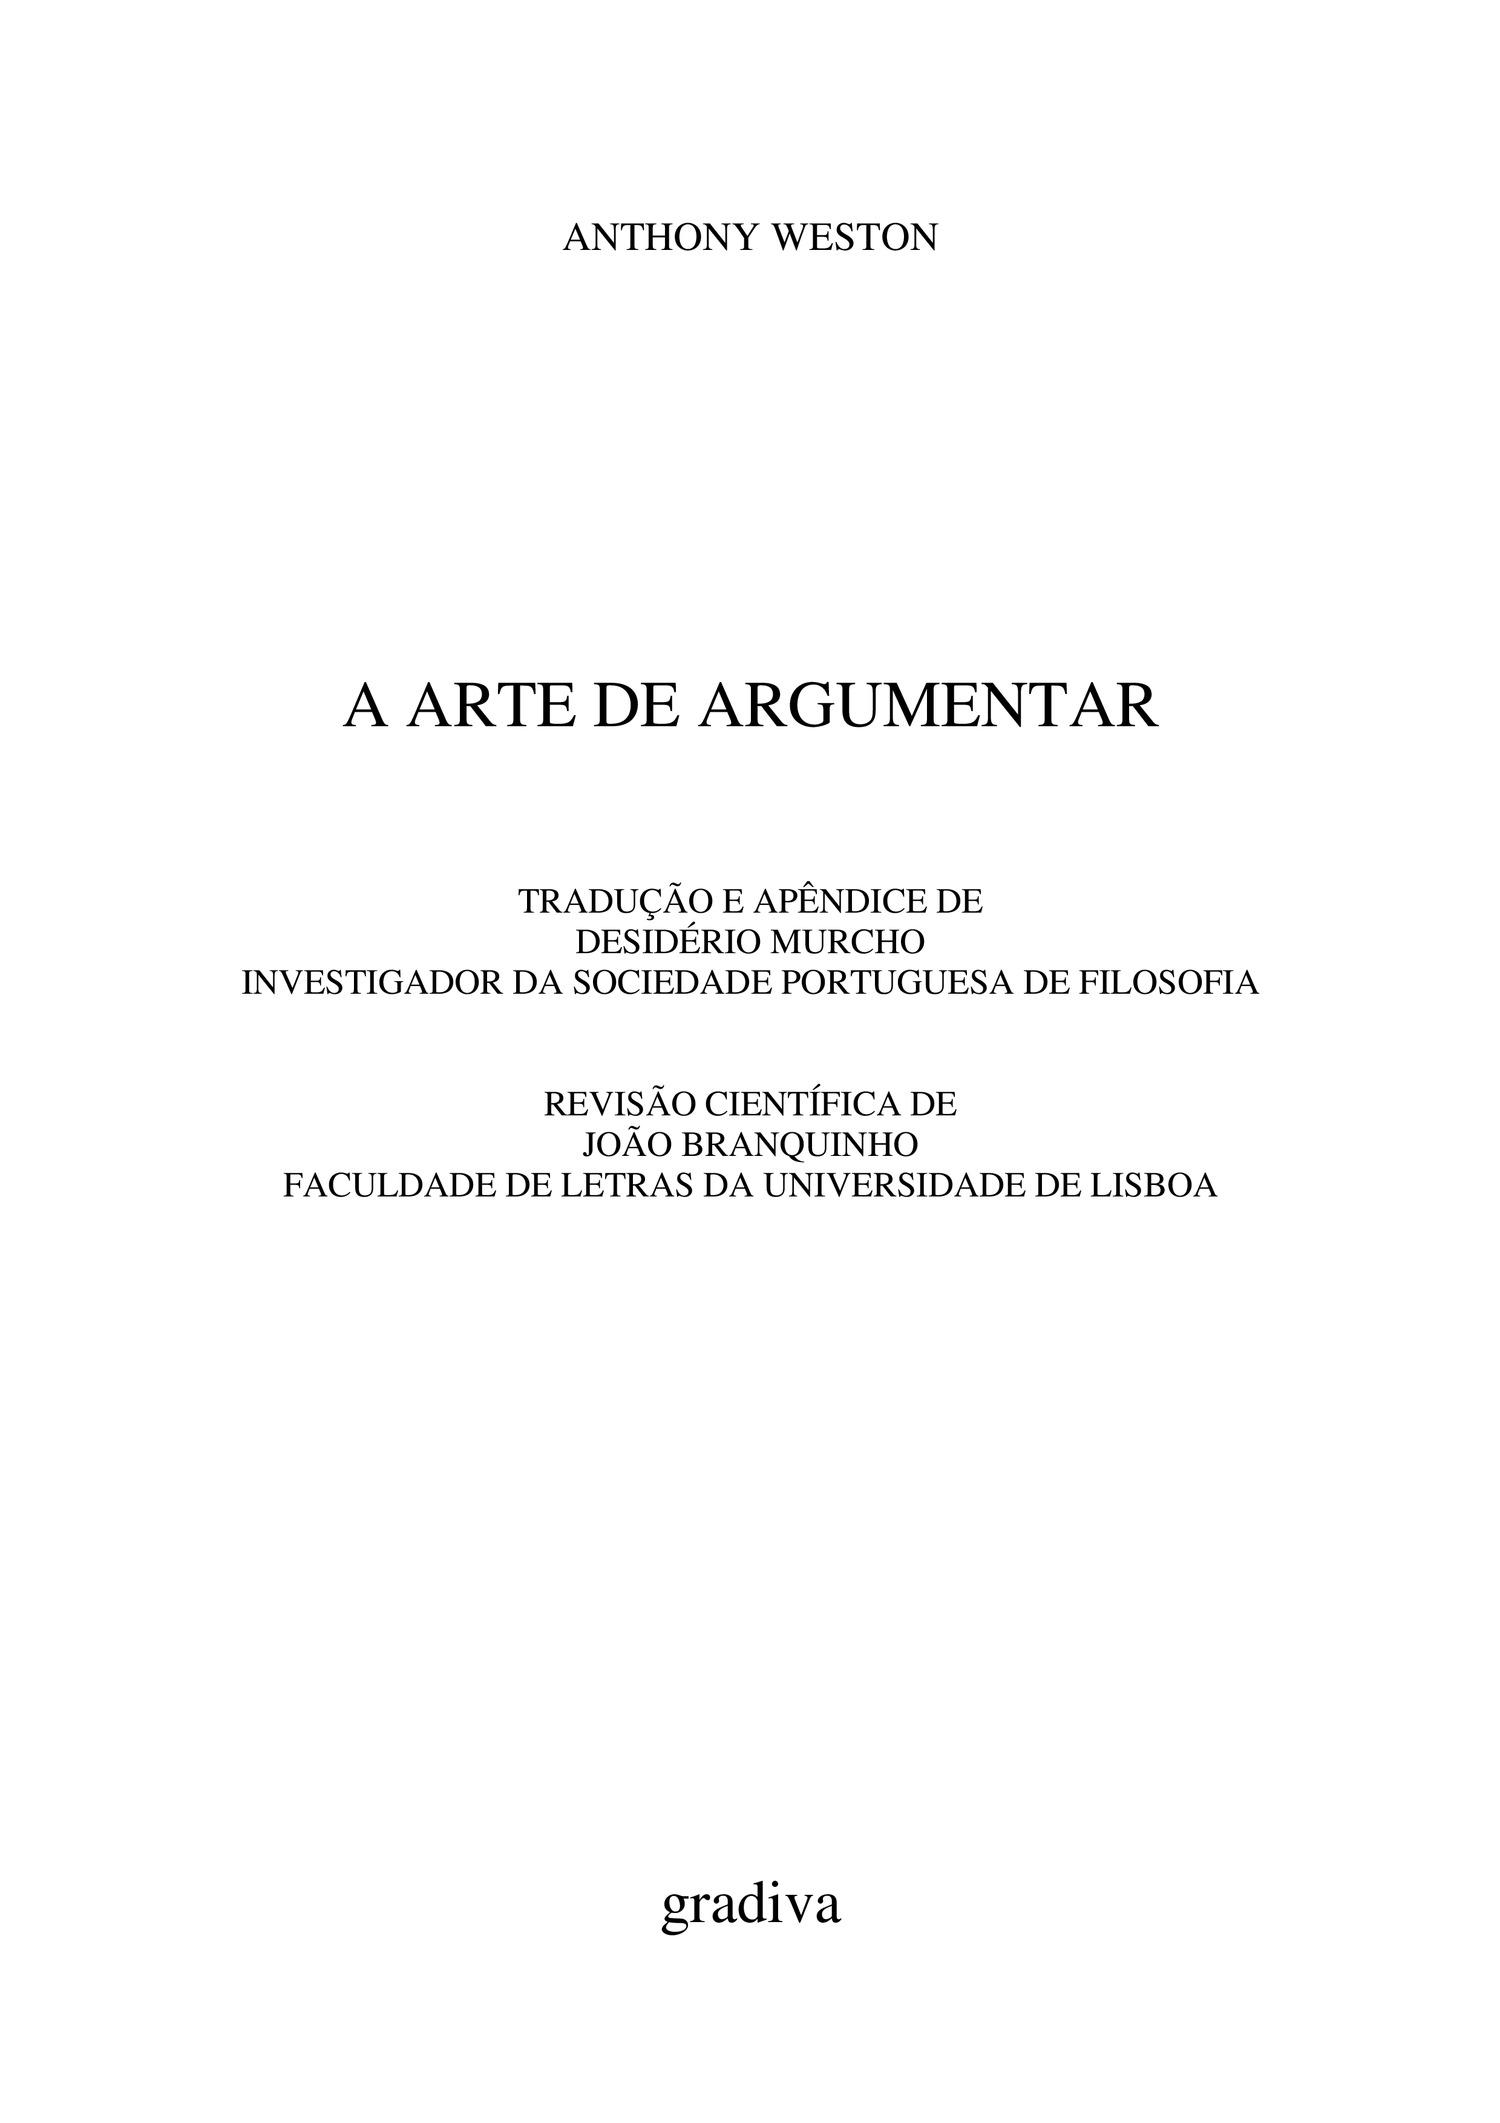 A arte de argumentar completo pdf